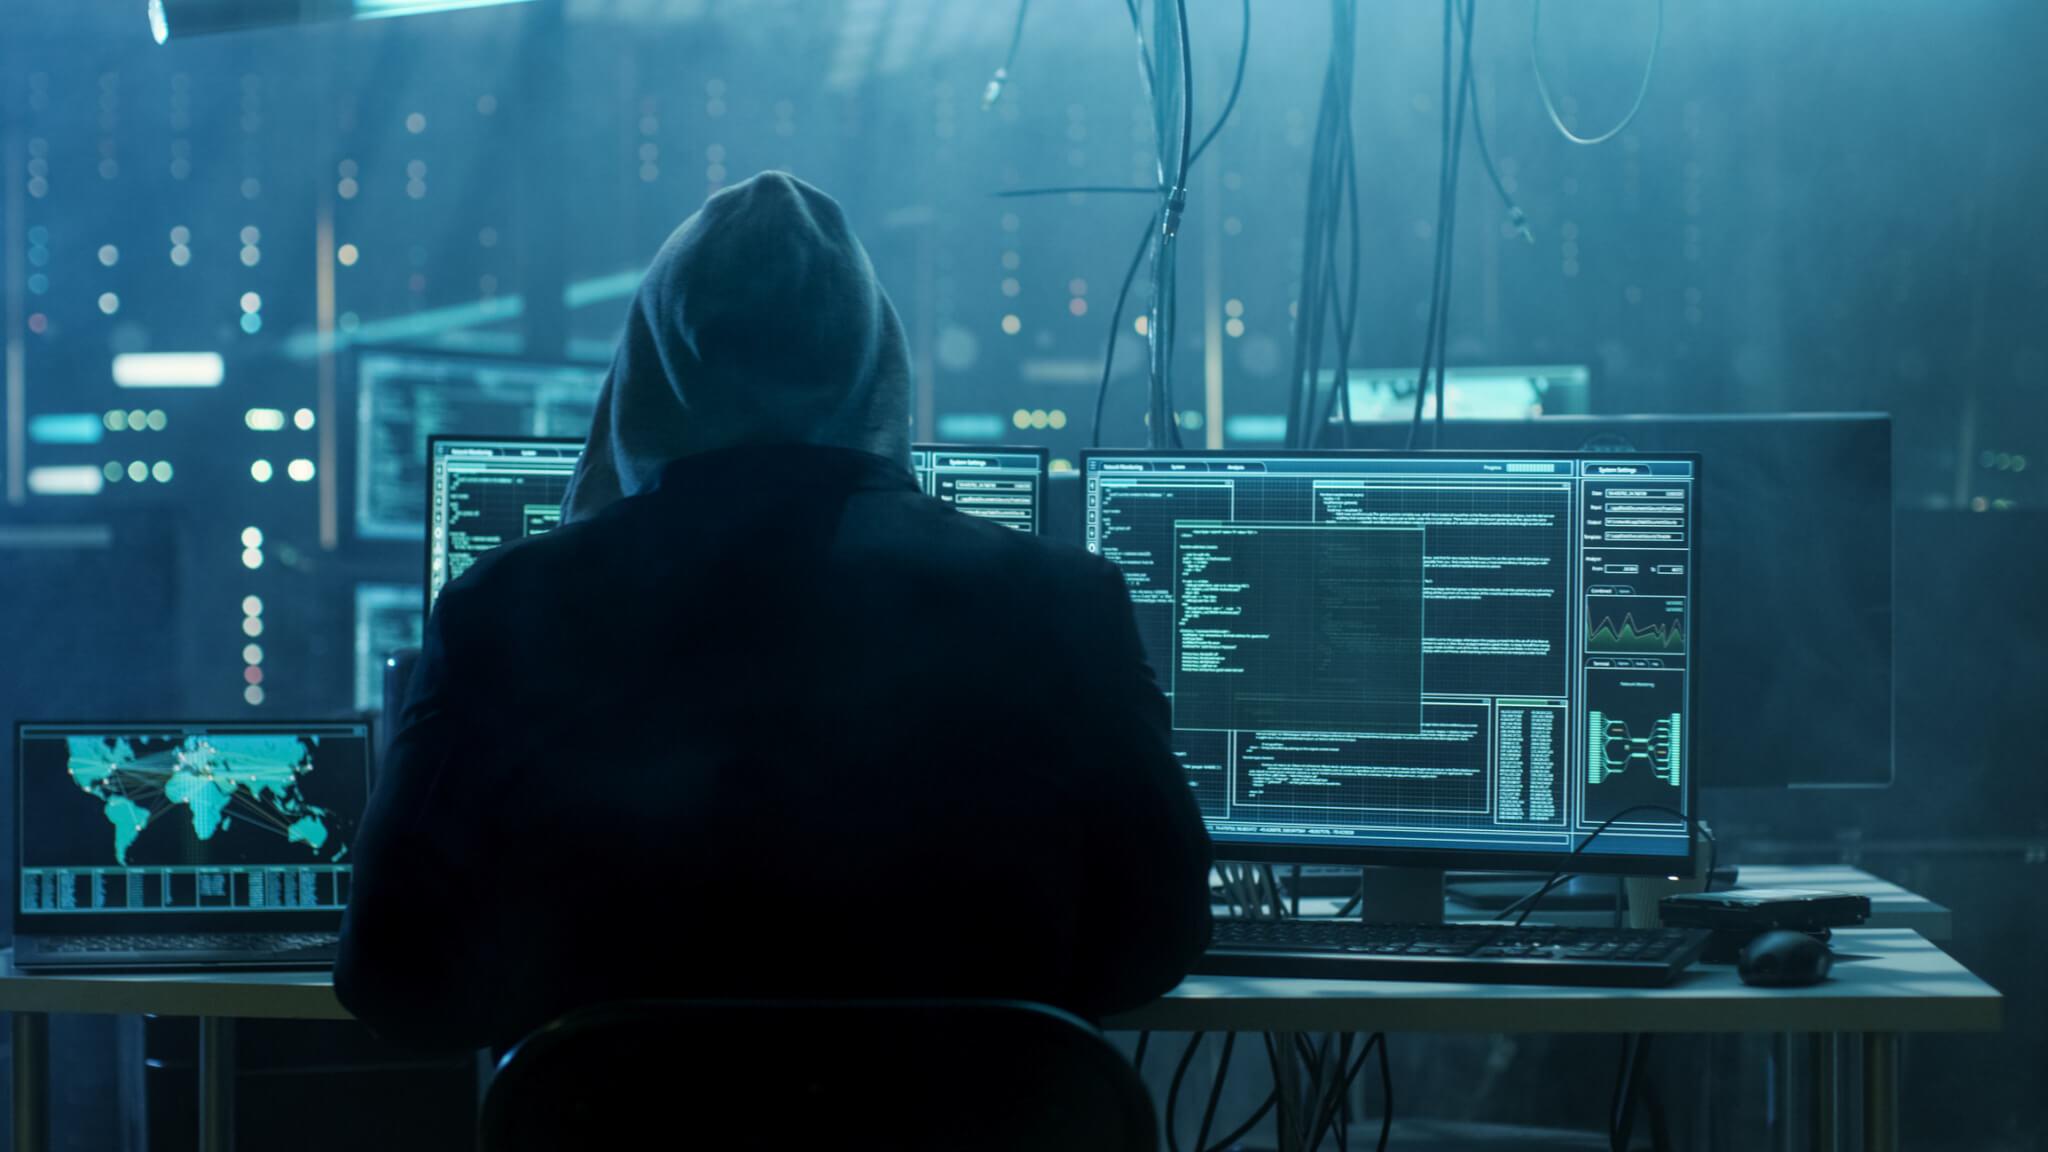 Ini 3 Tantangan Keamanan Siber di Industri 4.0